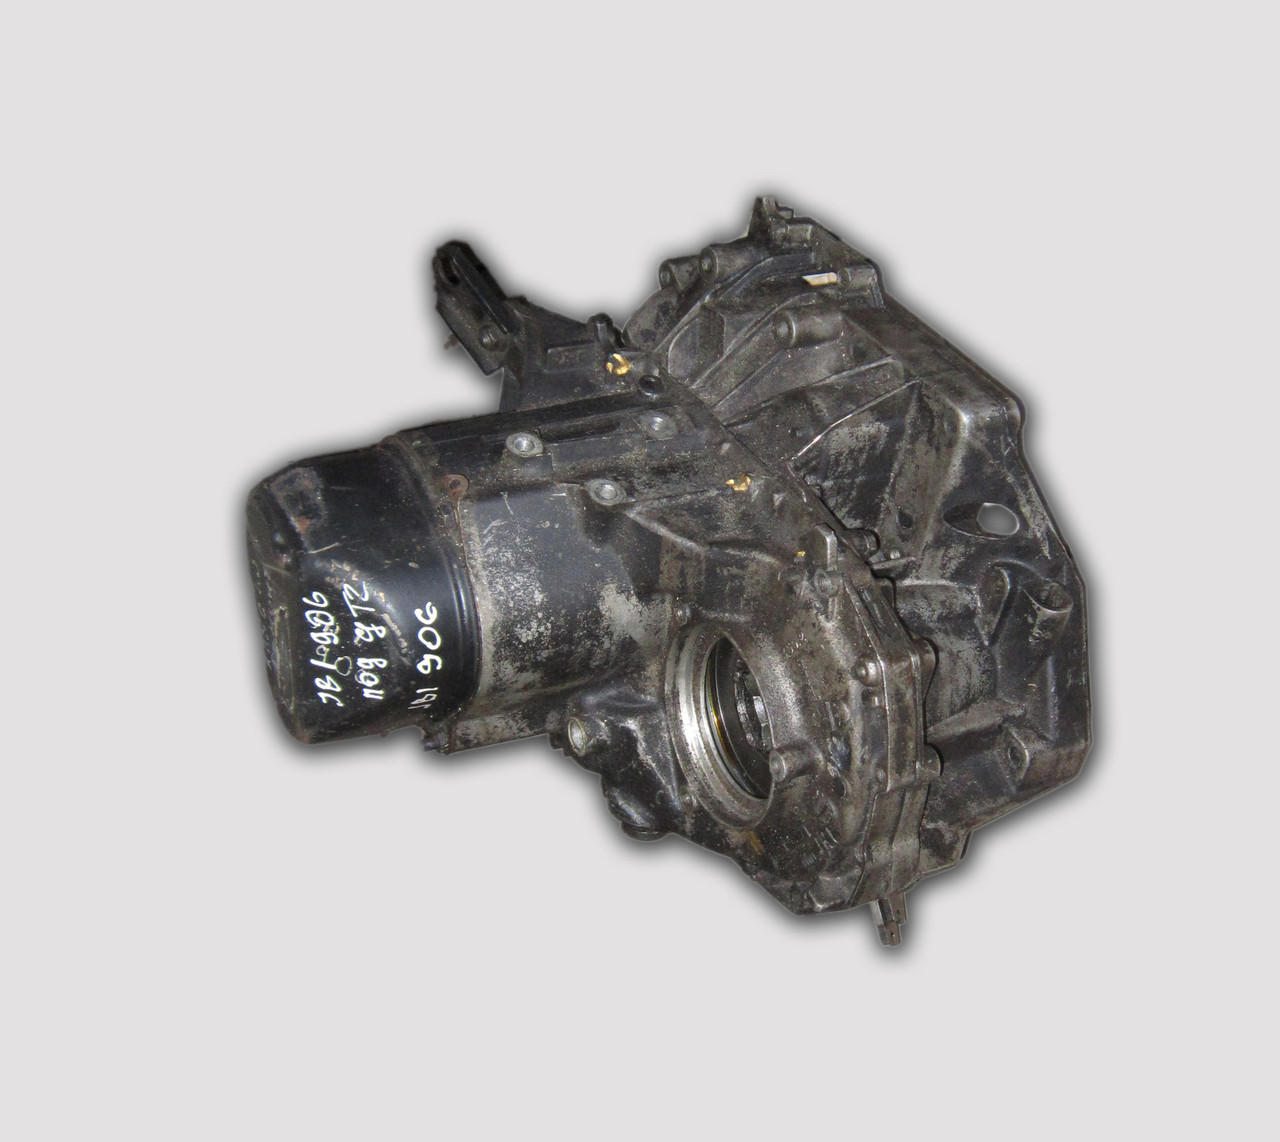 КПП Рено Канго JB1906 /задний стартер, под датчик скорости б/у